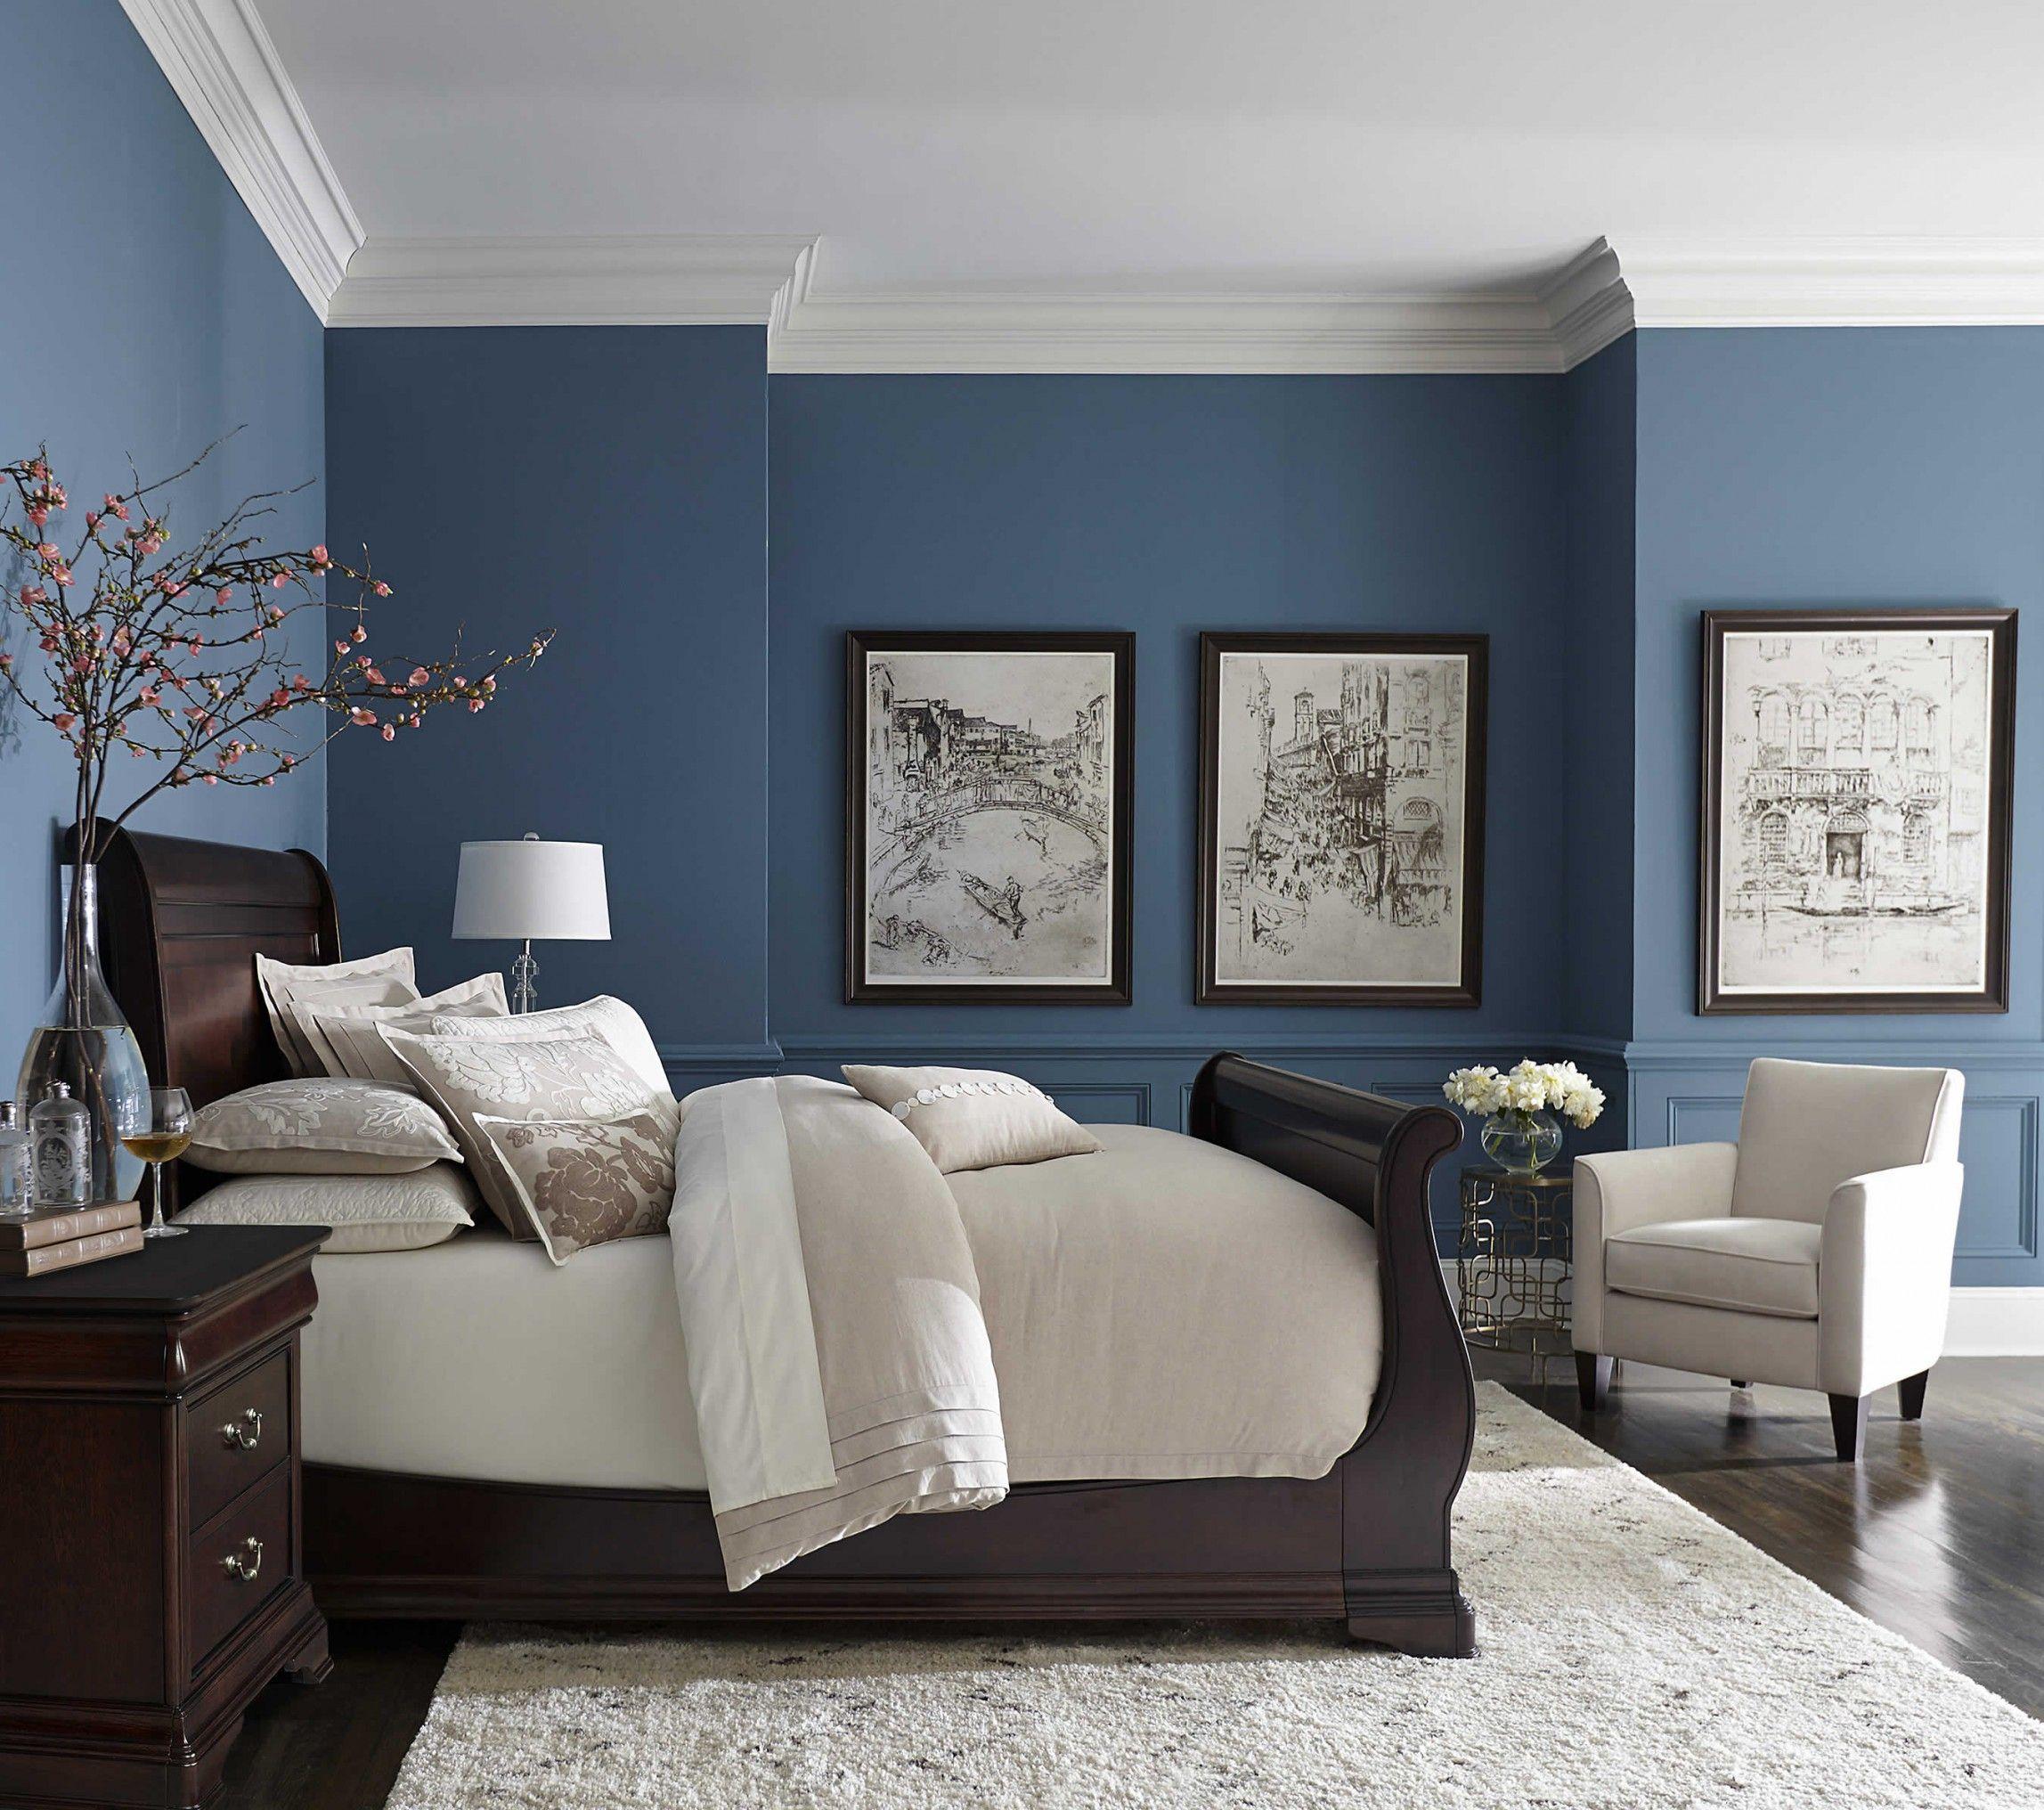 einfach dekorieren sie das schlafzimmer in blau | blue